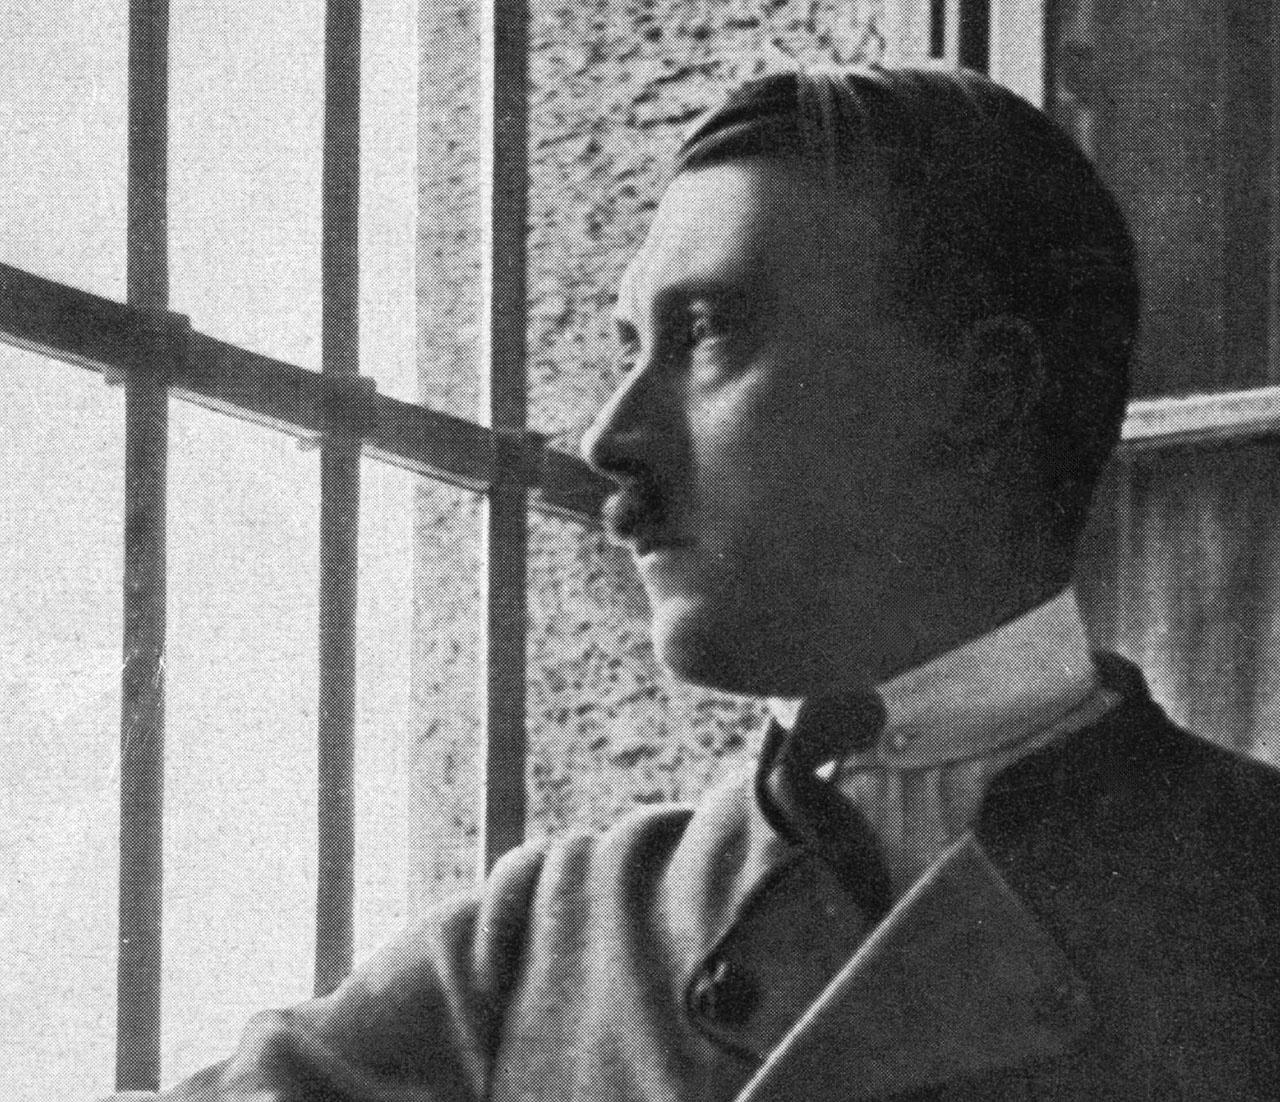 Сидя в тюрьме после провального пивного путча, Гитлер написал свой манифест «Майн Кампф».